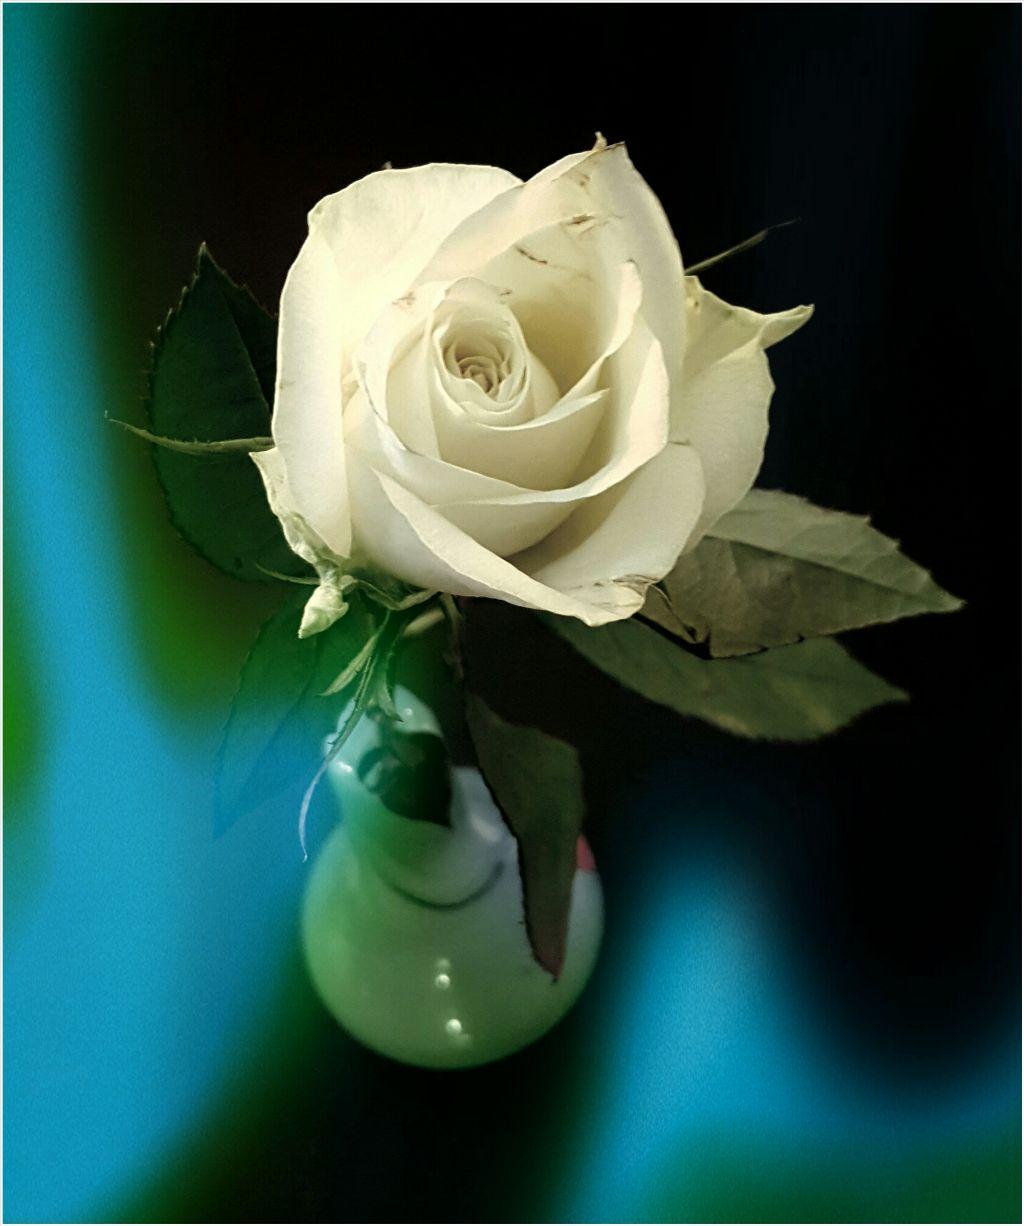 #flower #rose #lightmask